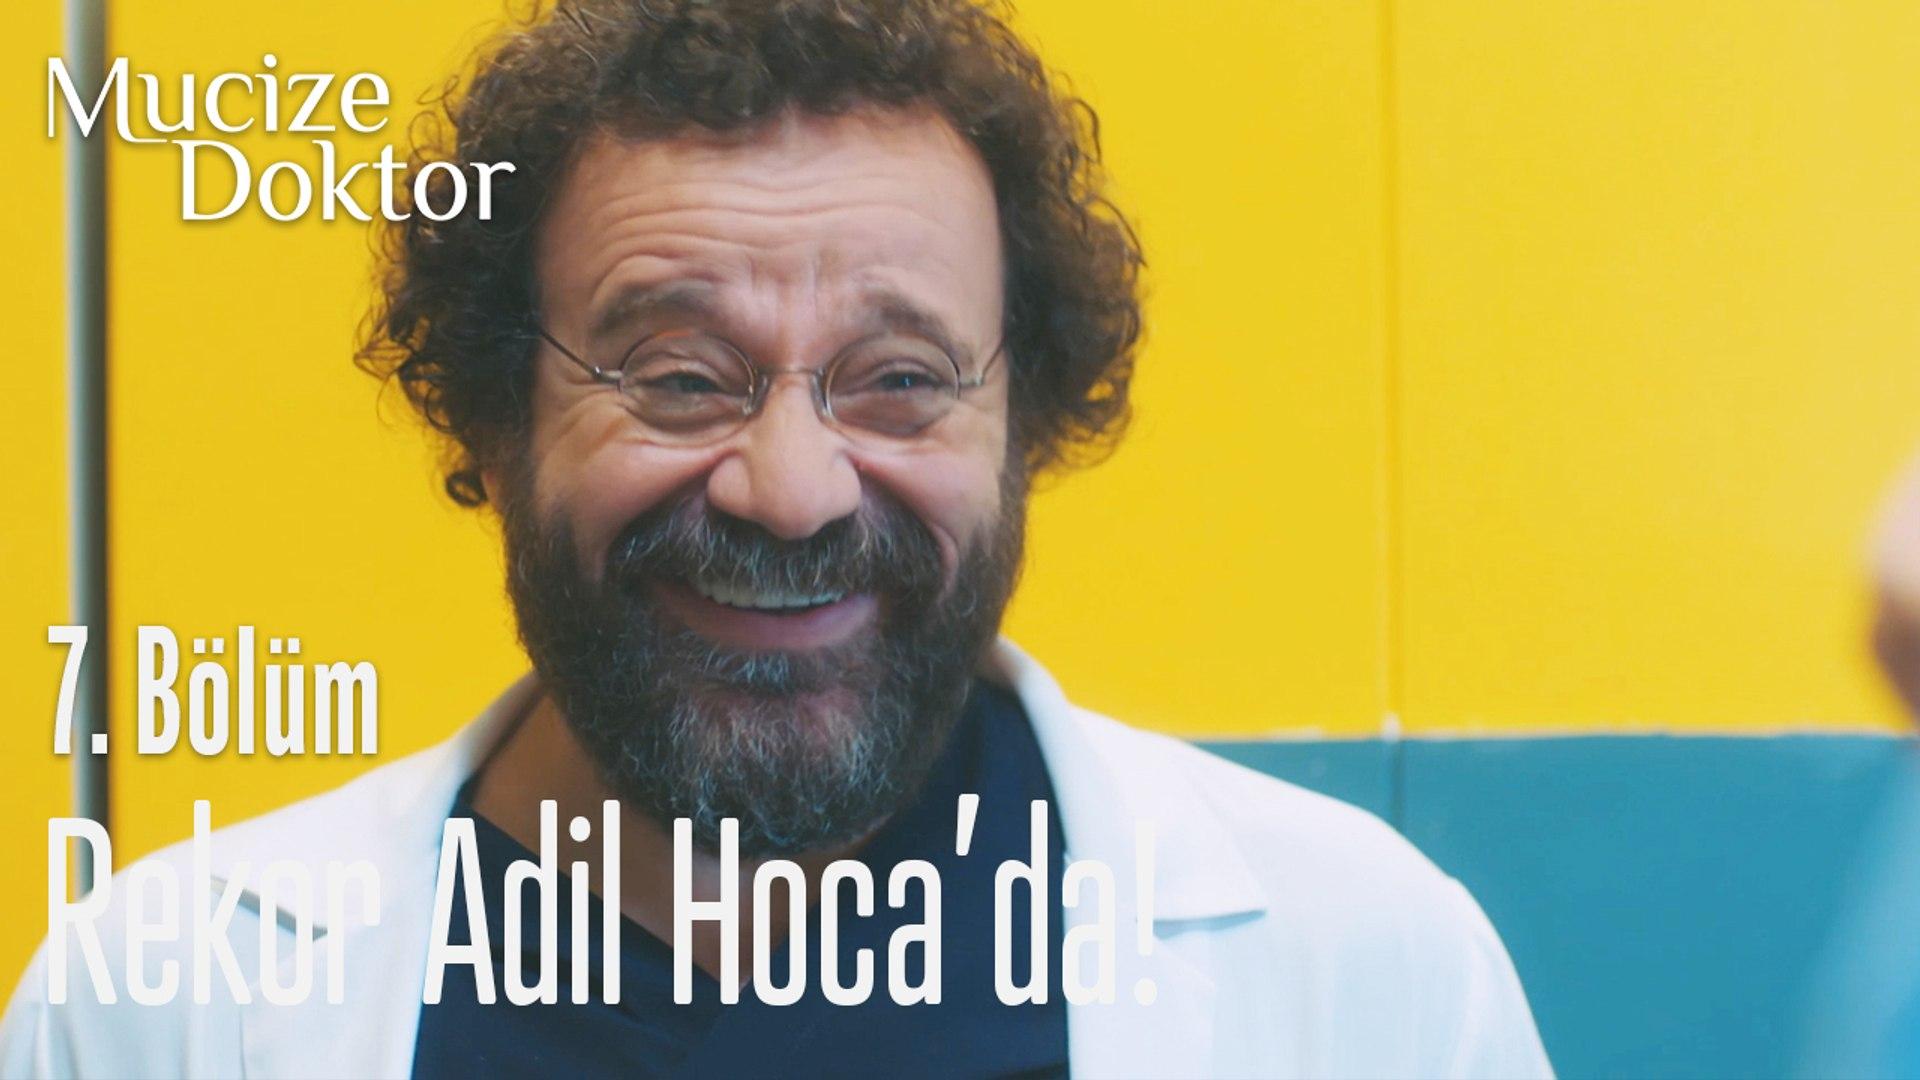 Rekor Adil hocada - Mucize Doktor 7. Bölüm